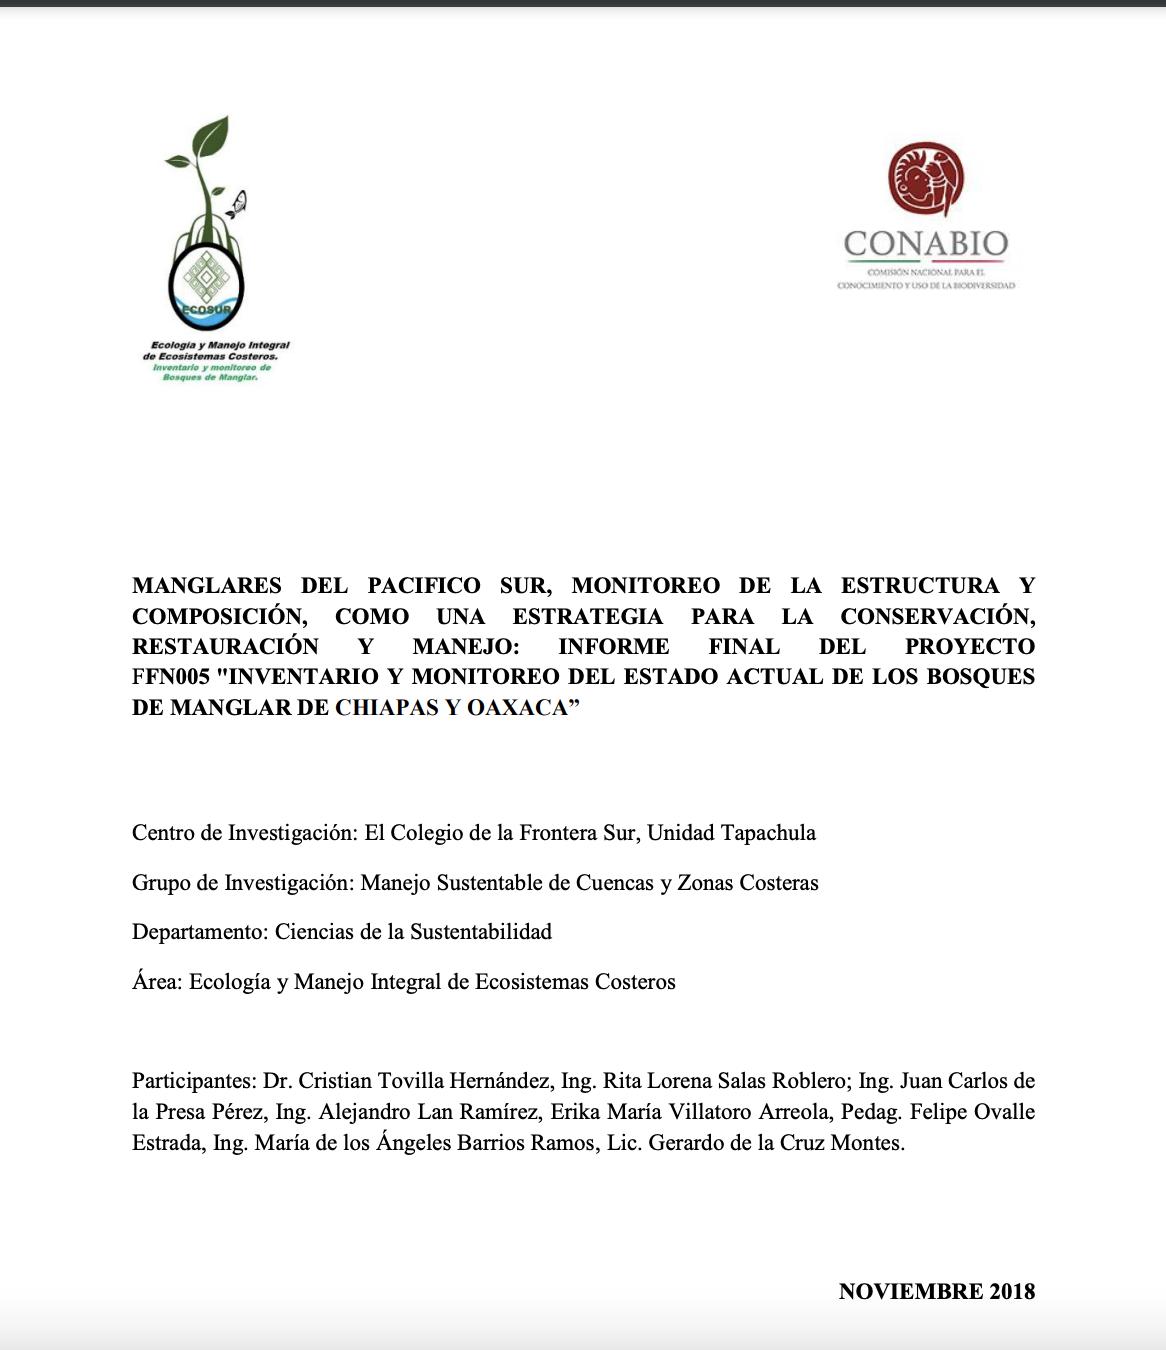 """Manglares del pacifico sur, monitoreo de la estructura y composición, como una estrategia para la conservación, restauración y manejo: Informe Final del proyecto Ffn005 """"Inventario y monitoreo del estado actual de los bosques de manglar de Chiapas y Oaxaca"""""""